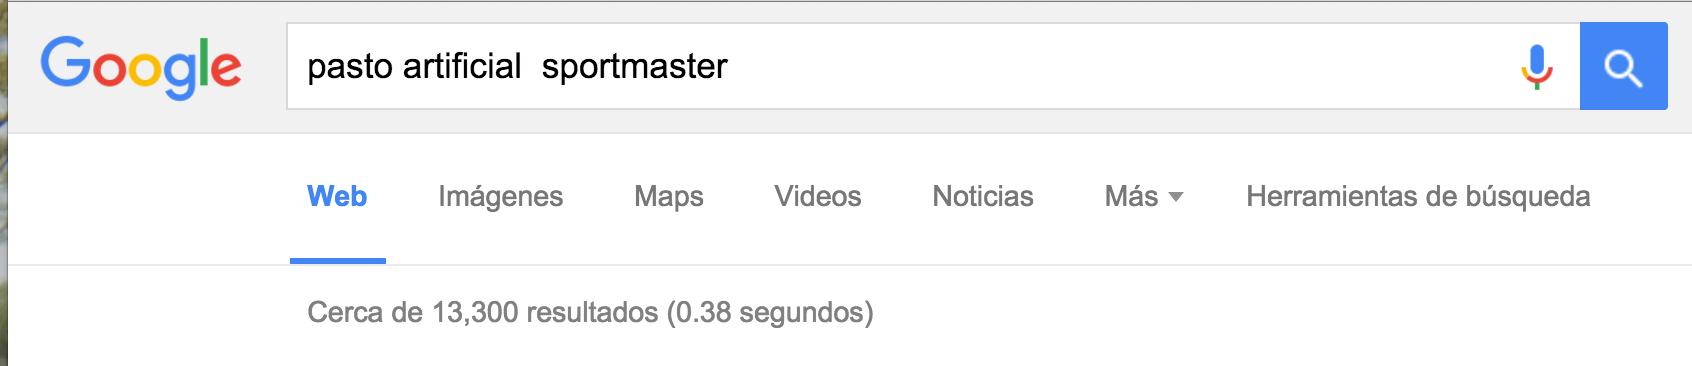 Buscando en Google como Pasto Artificial Sportmaster y existen 13,000 resultados que nos mencionan